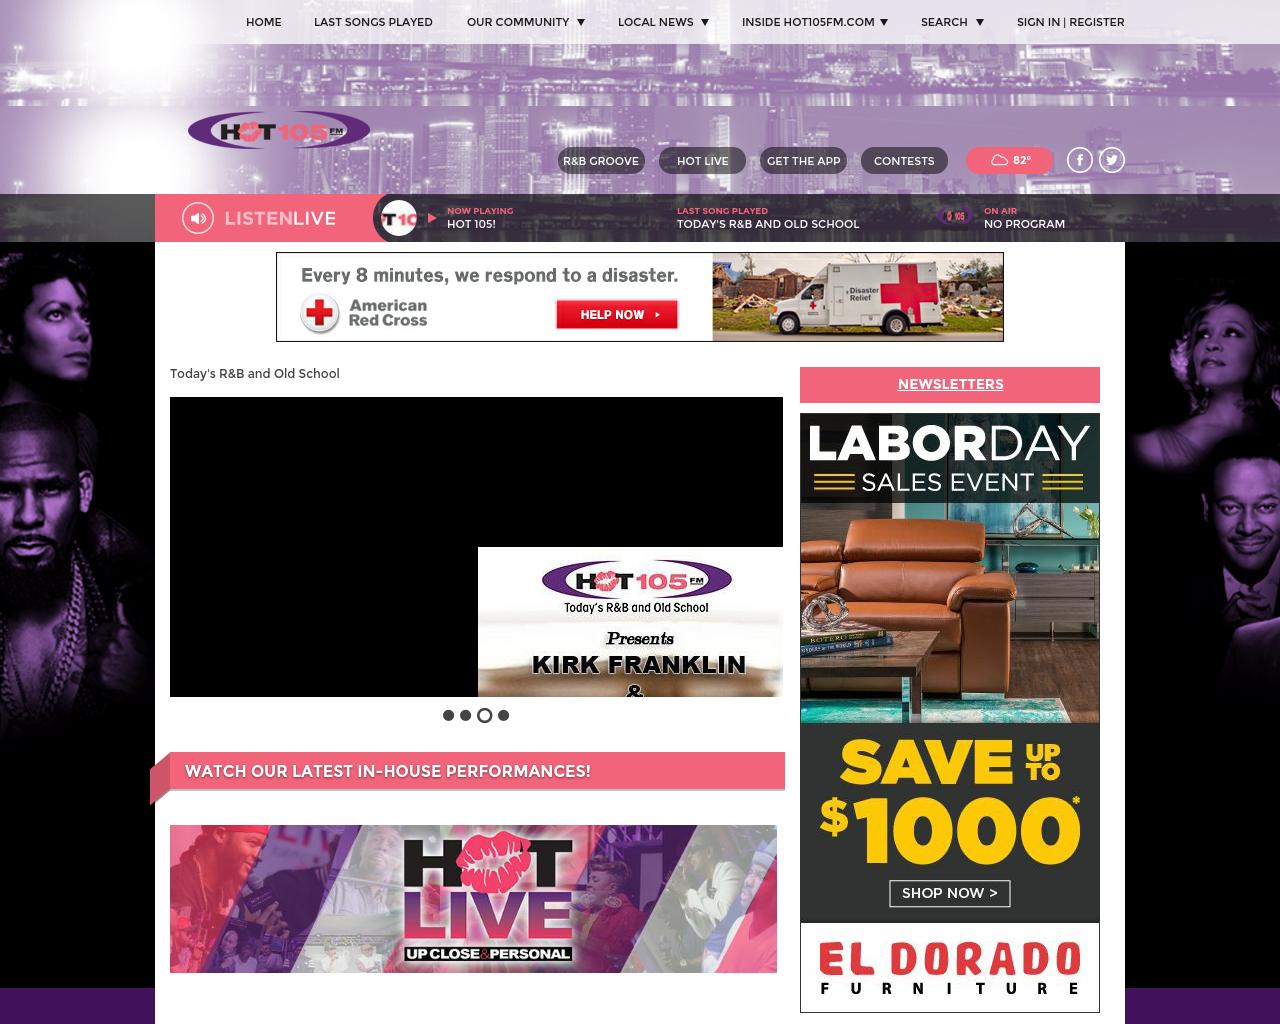 HOT105FM.com-Advertising-Reviews-Pricing